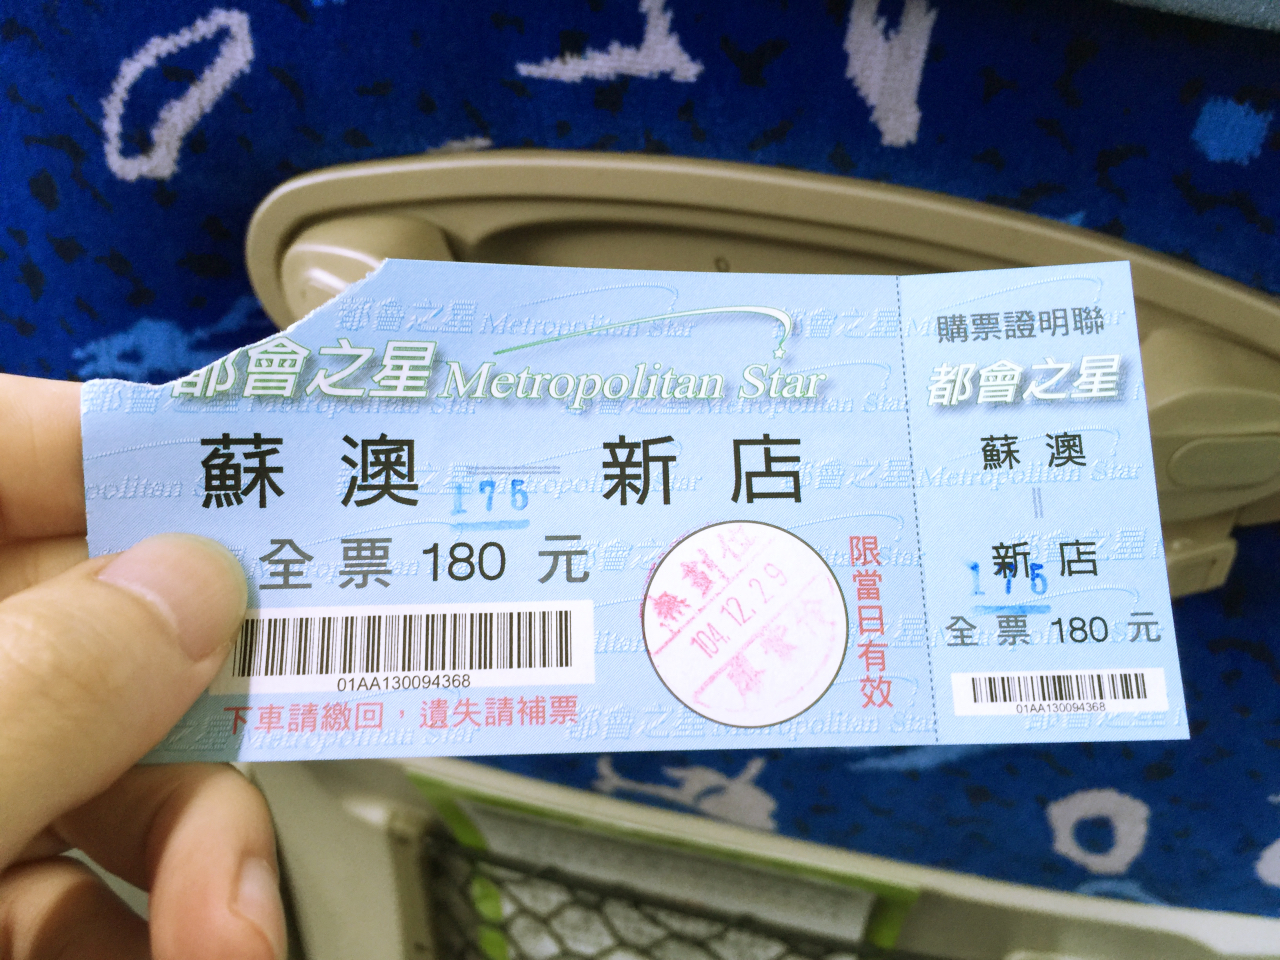 豪華客船でニューイヤークルーズしてきました Part.3:異国の地で救世主現る!台湾滞在10時間